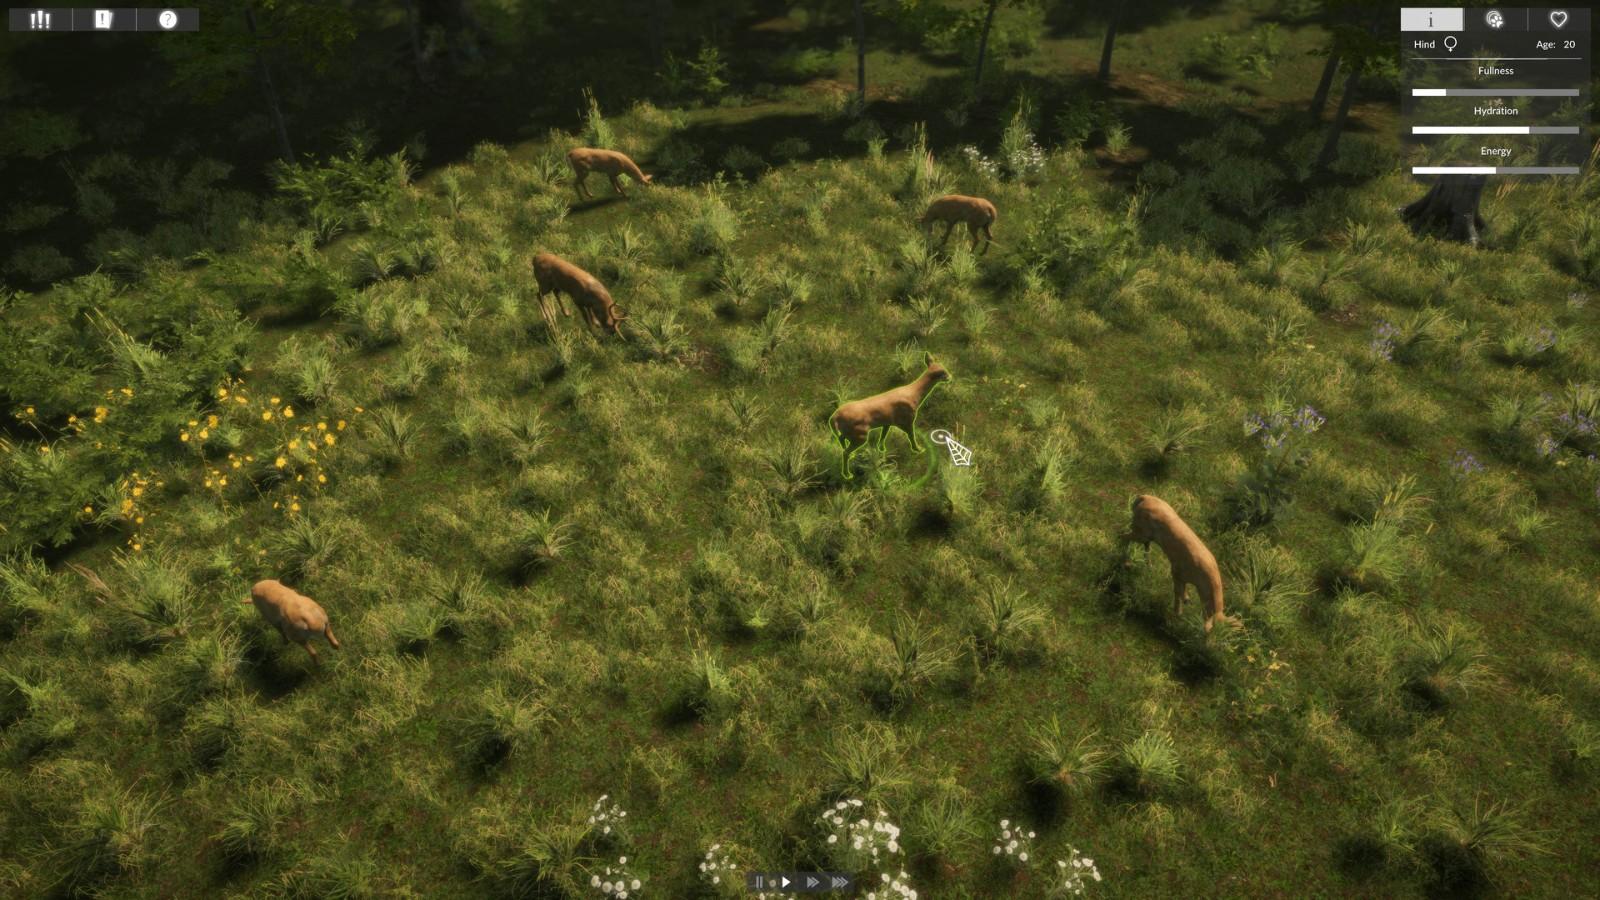 休闲探索游戏《自然本能》上架Steam 7月2日发售